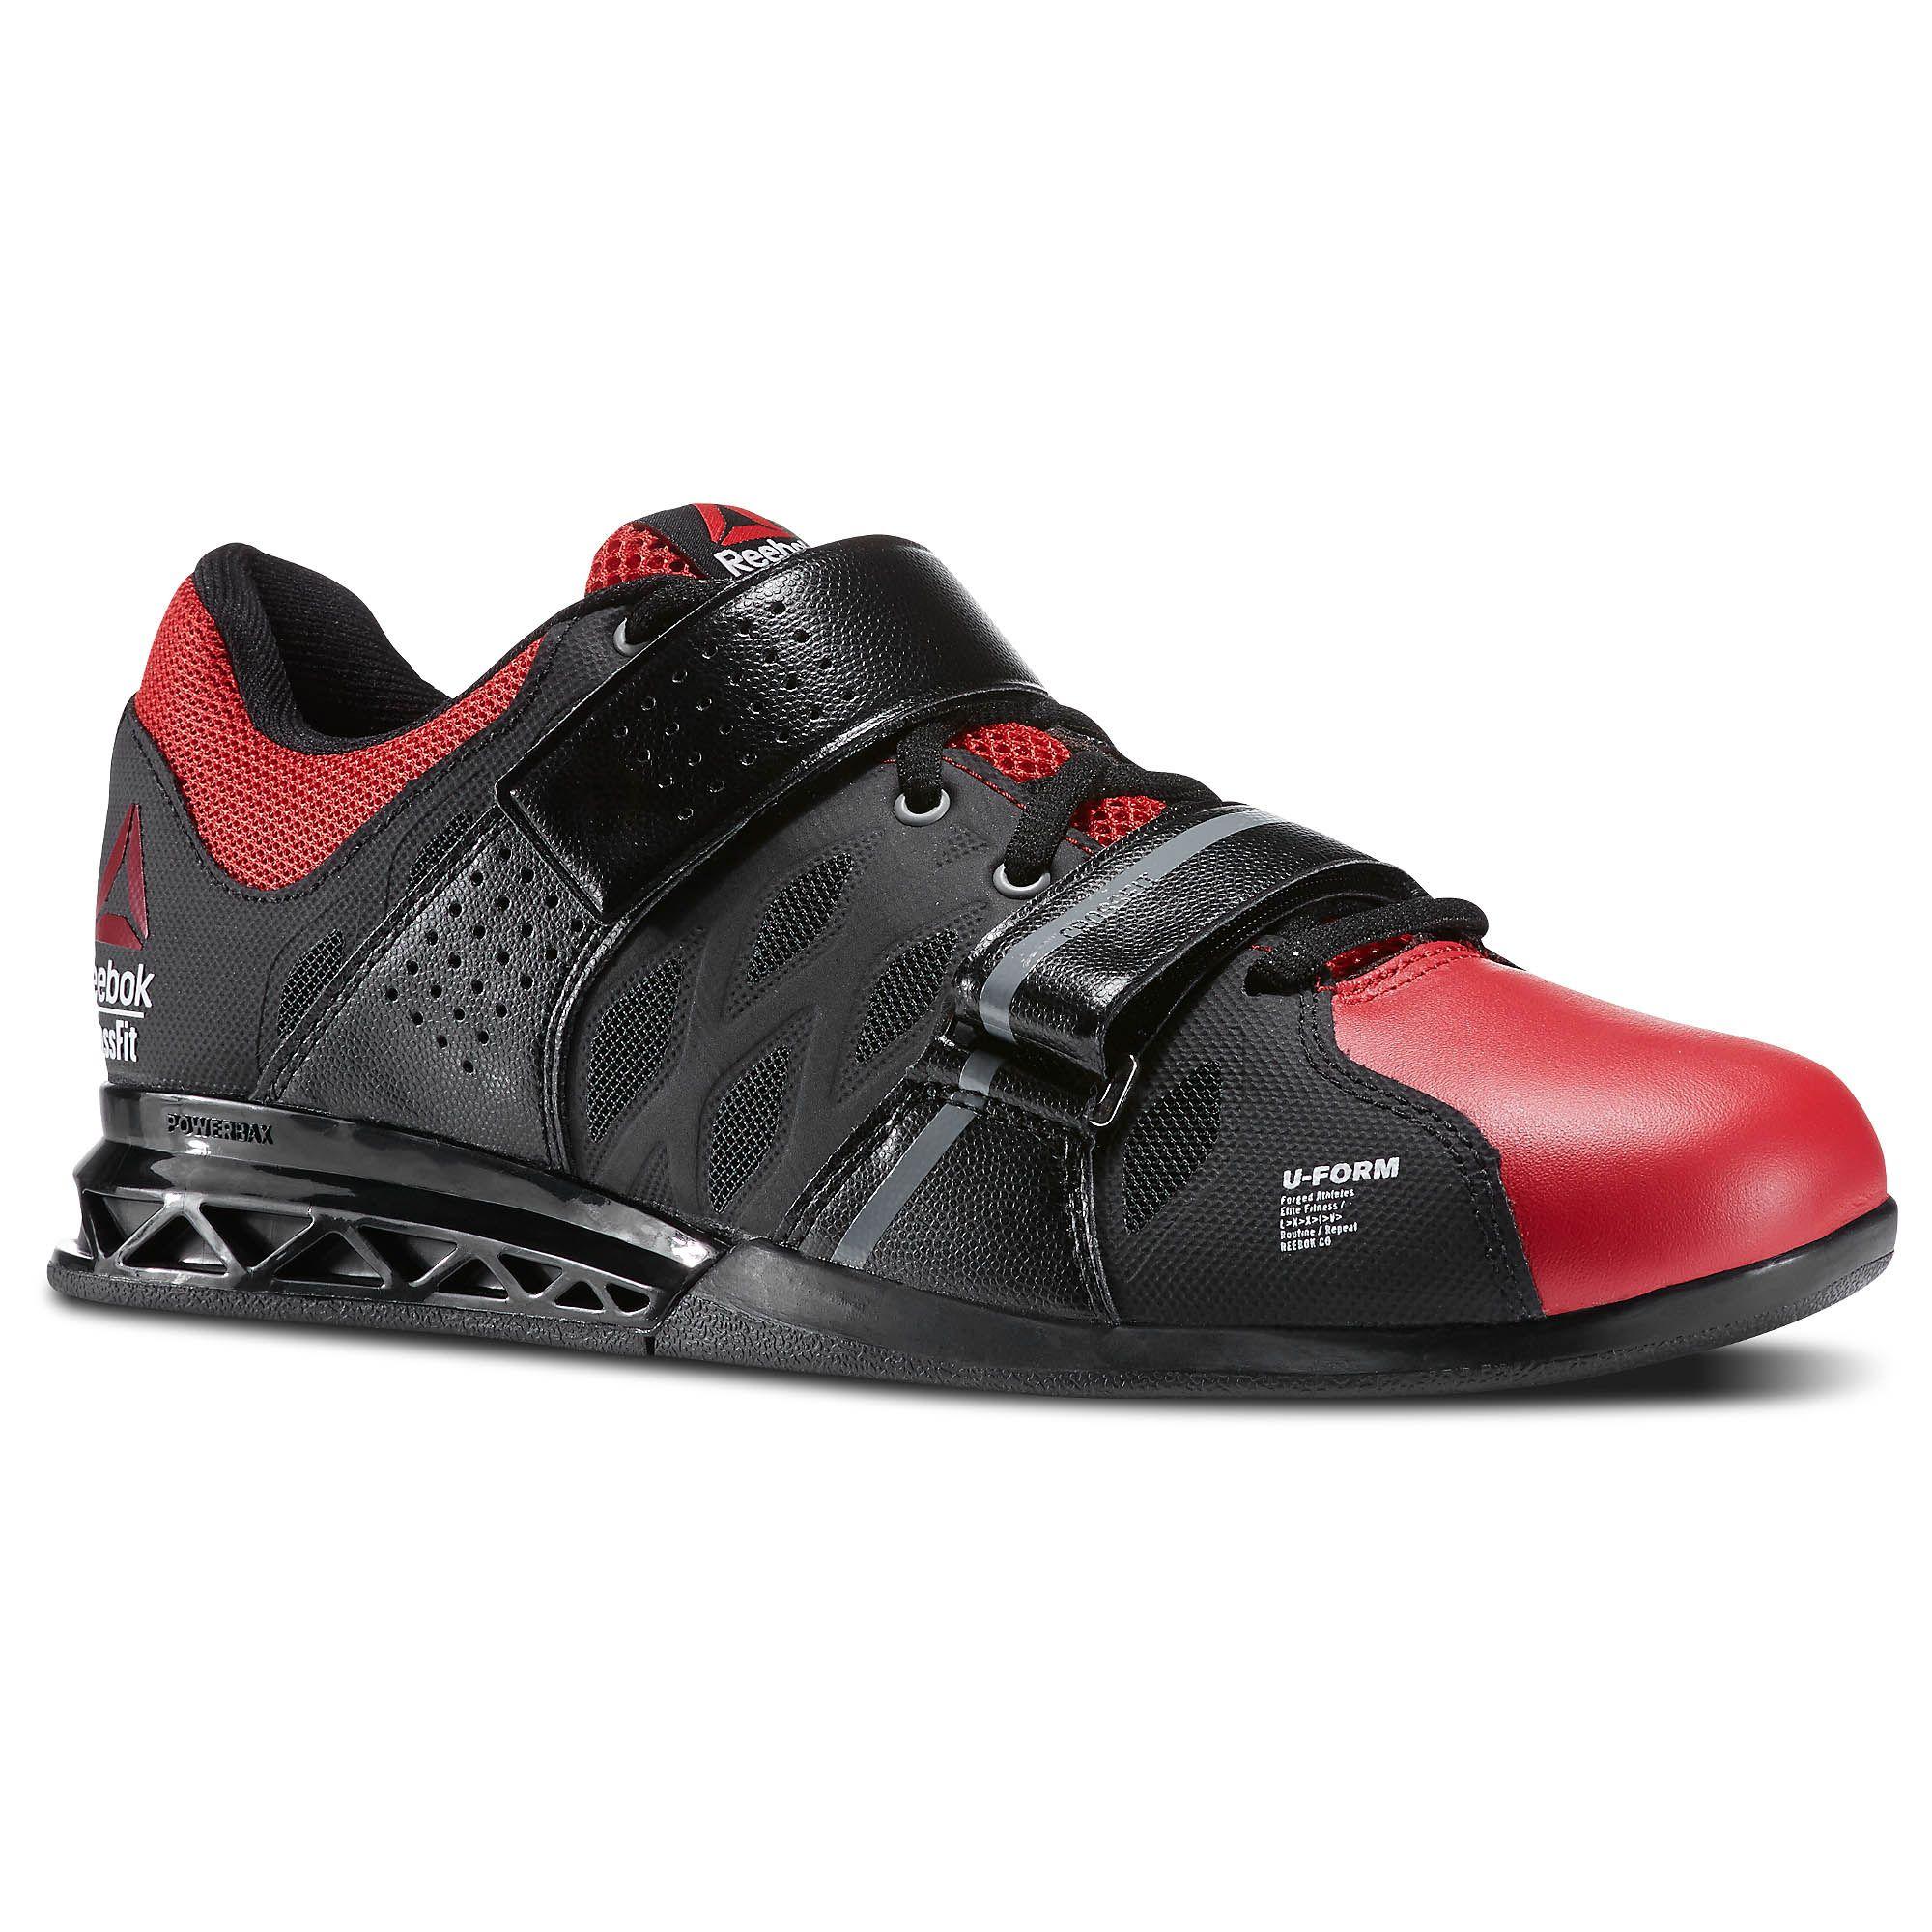 Reebok CrossFit Lifter Plus 2.0 (Zwart-rood) - Zijaanzicht ...